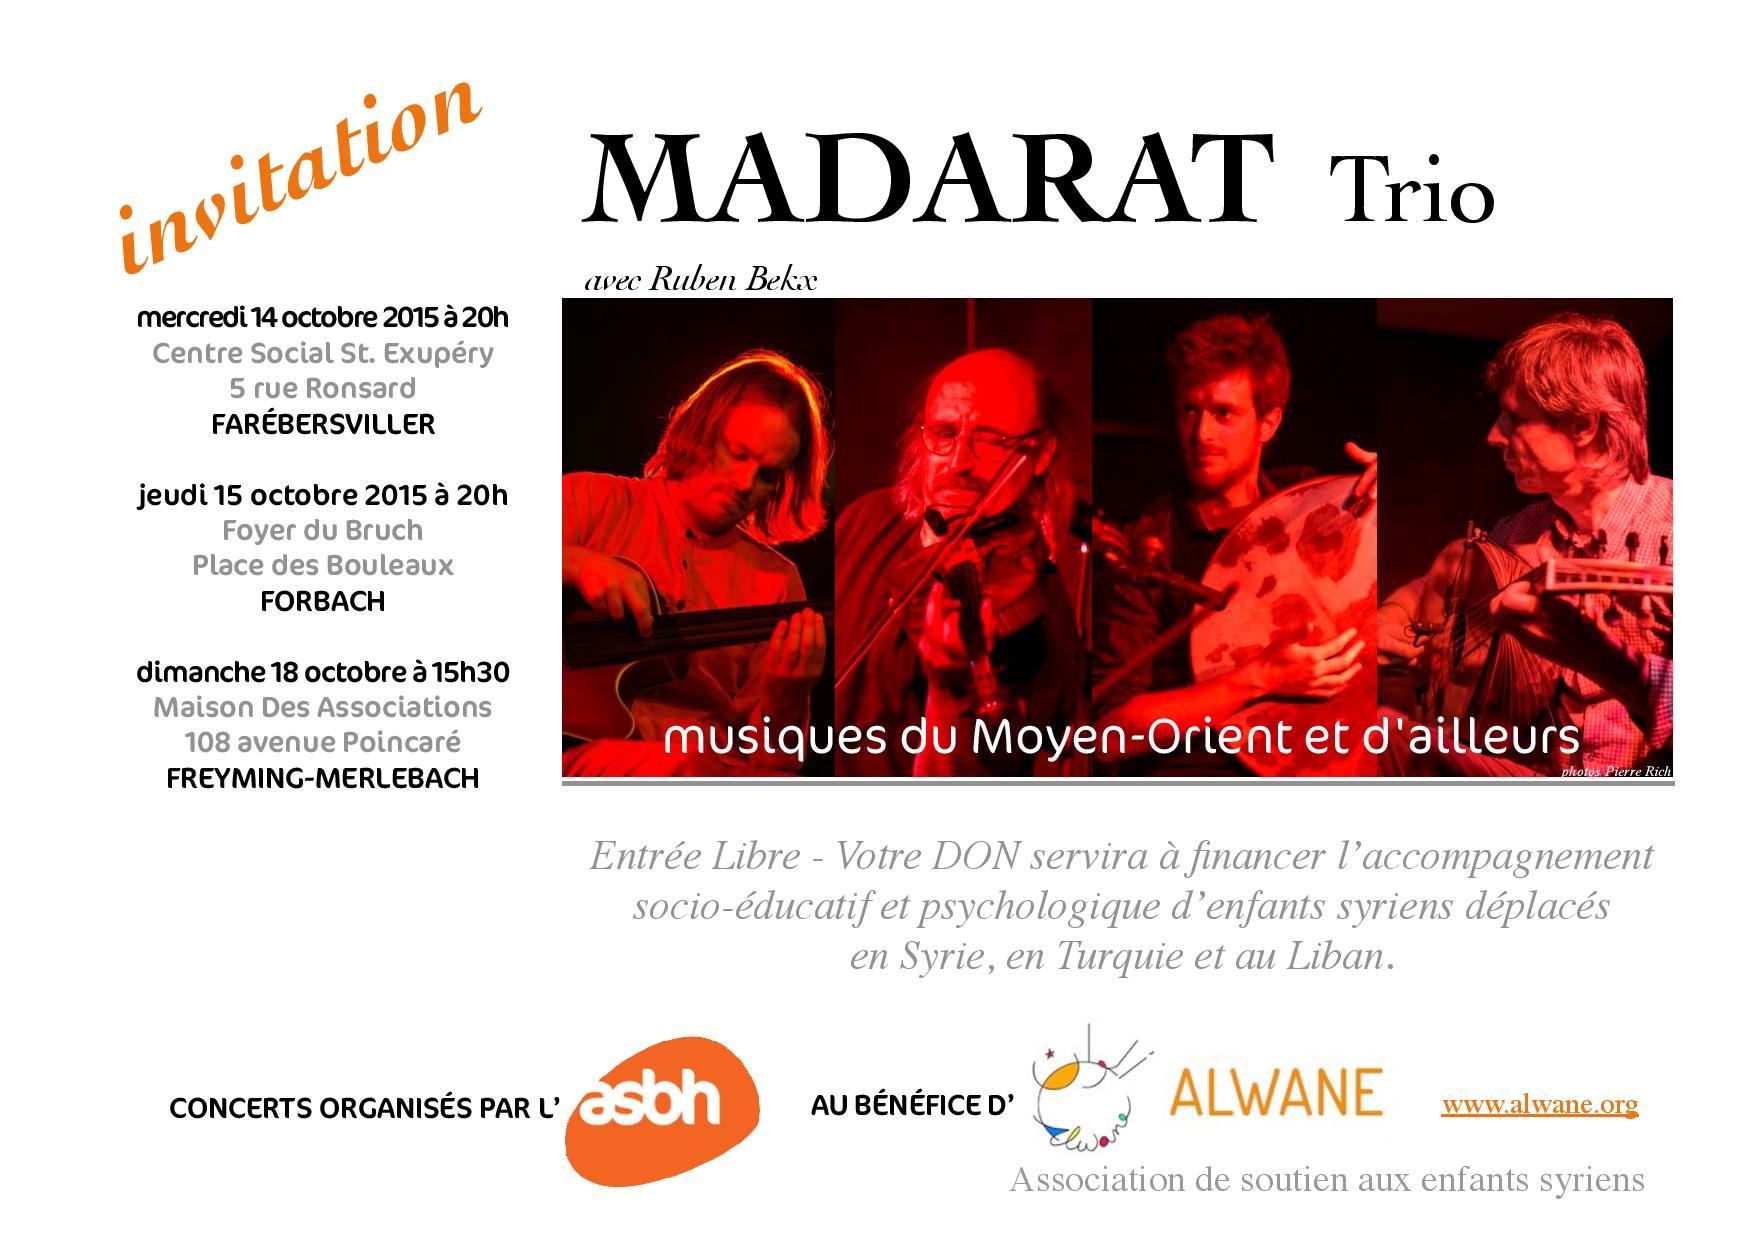 MADARAT Trio